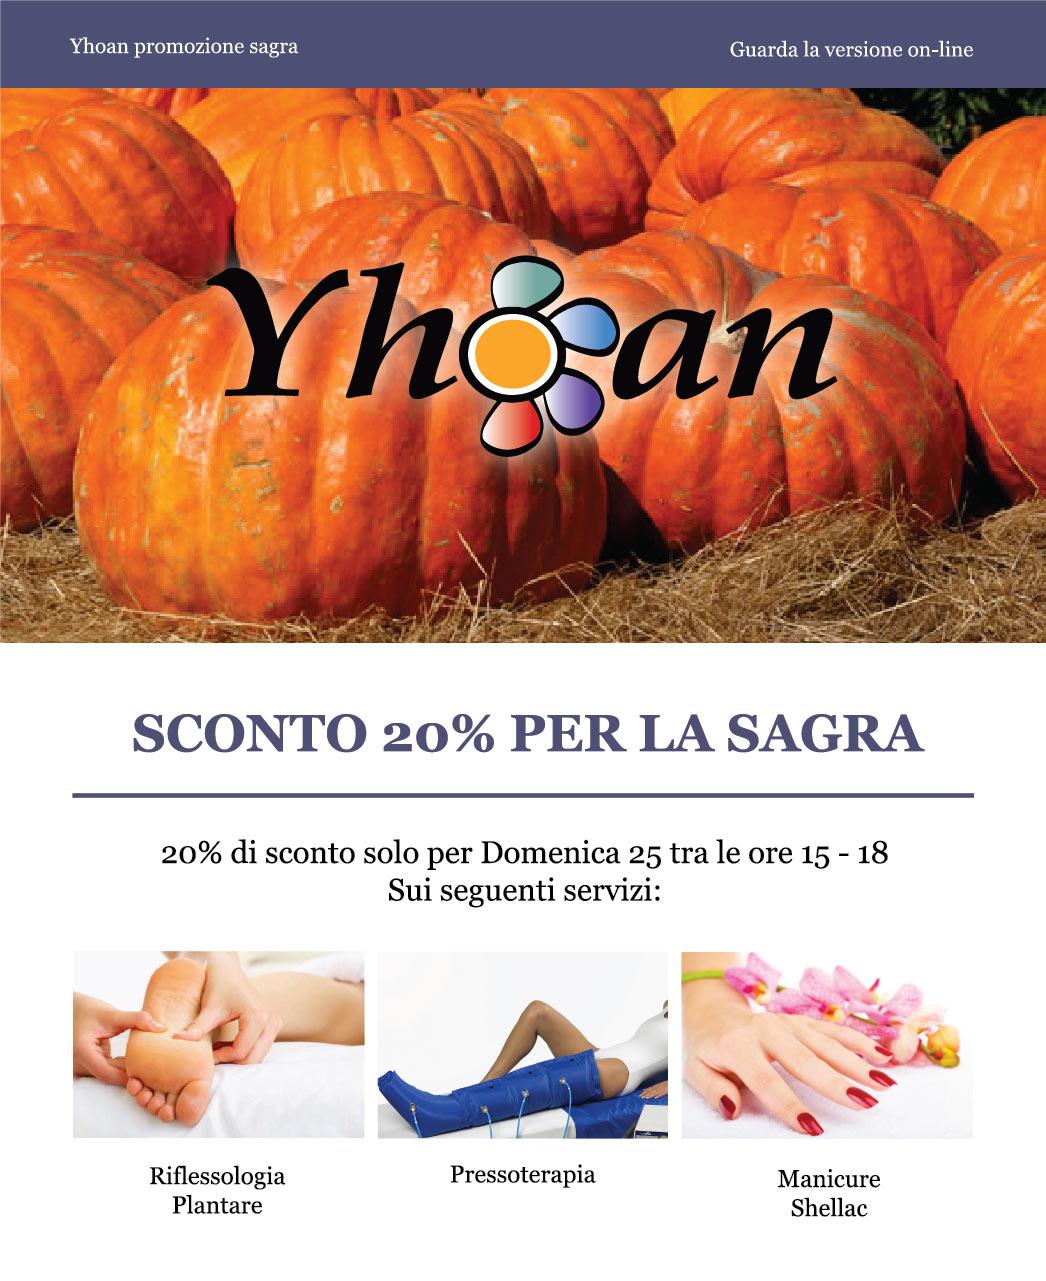 Yhoan-Sagra-articolo